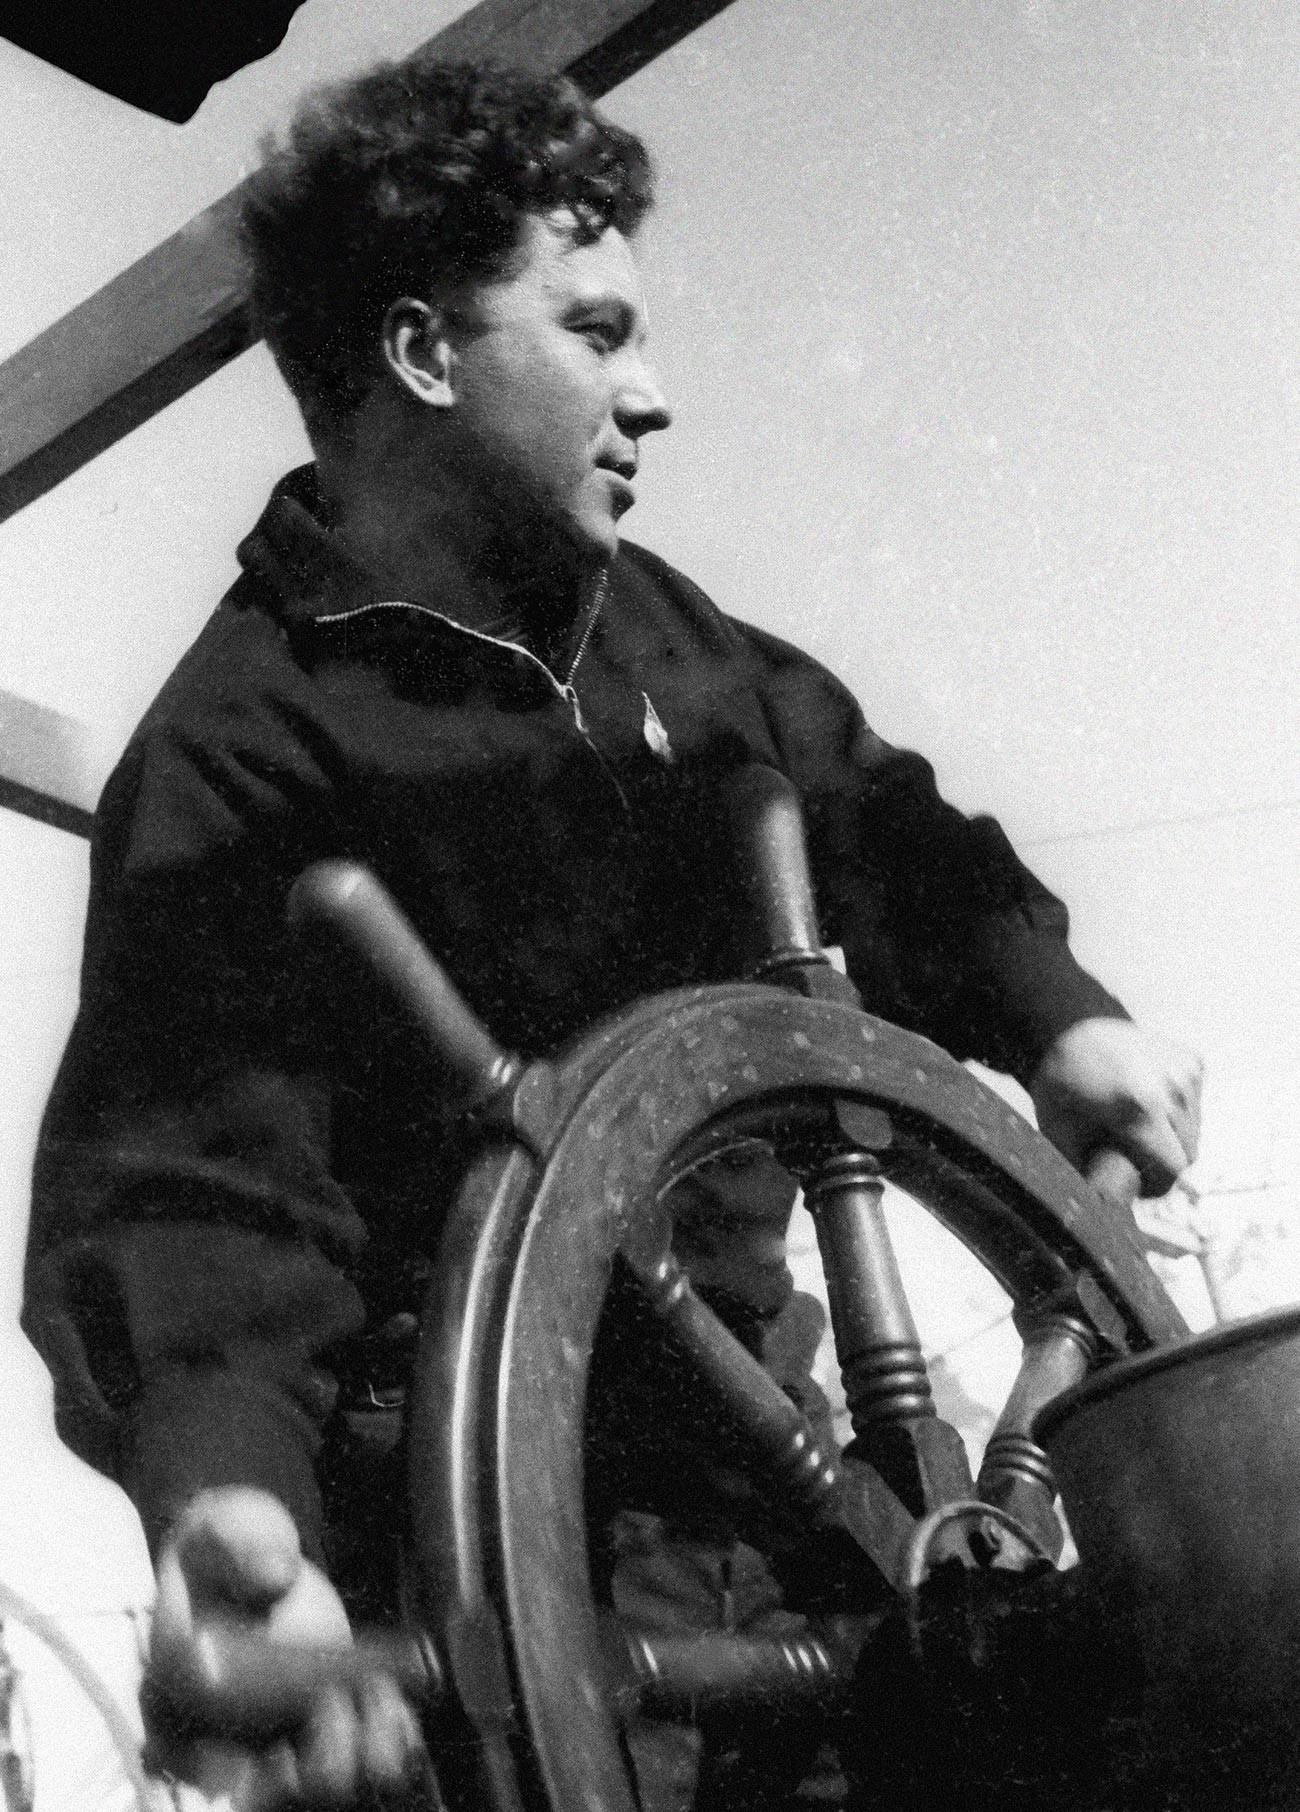 Летчик Анатолий Ляпидевский, участник экспедиции по спасению экипажа и пассажиров парохода «Челюскин».